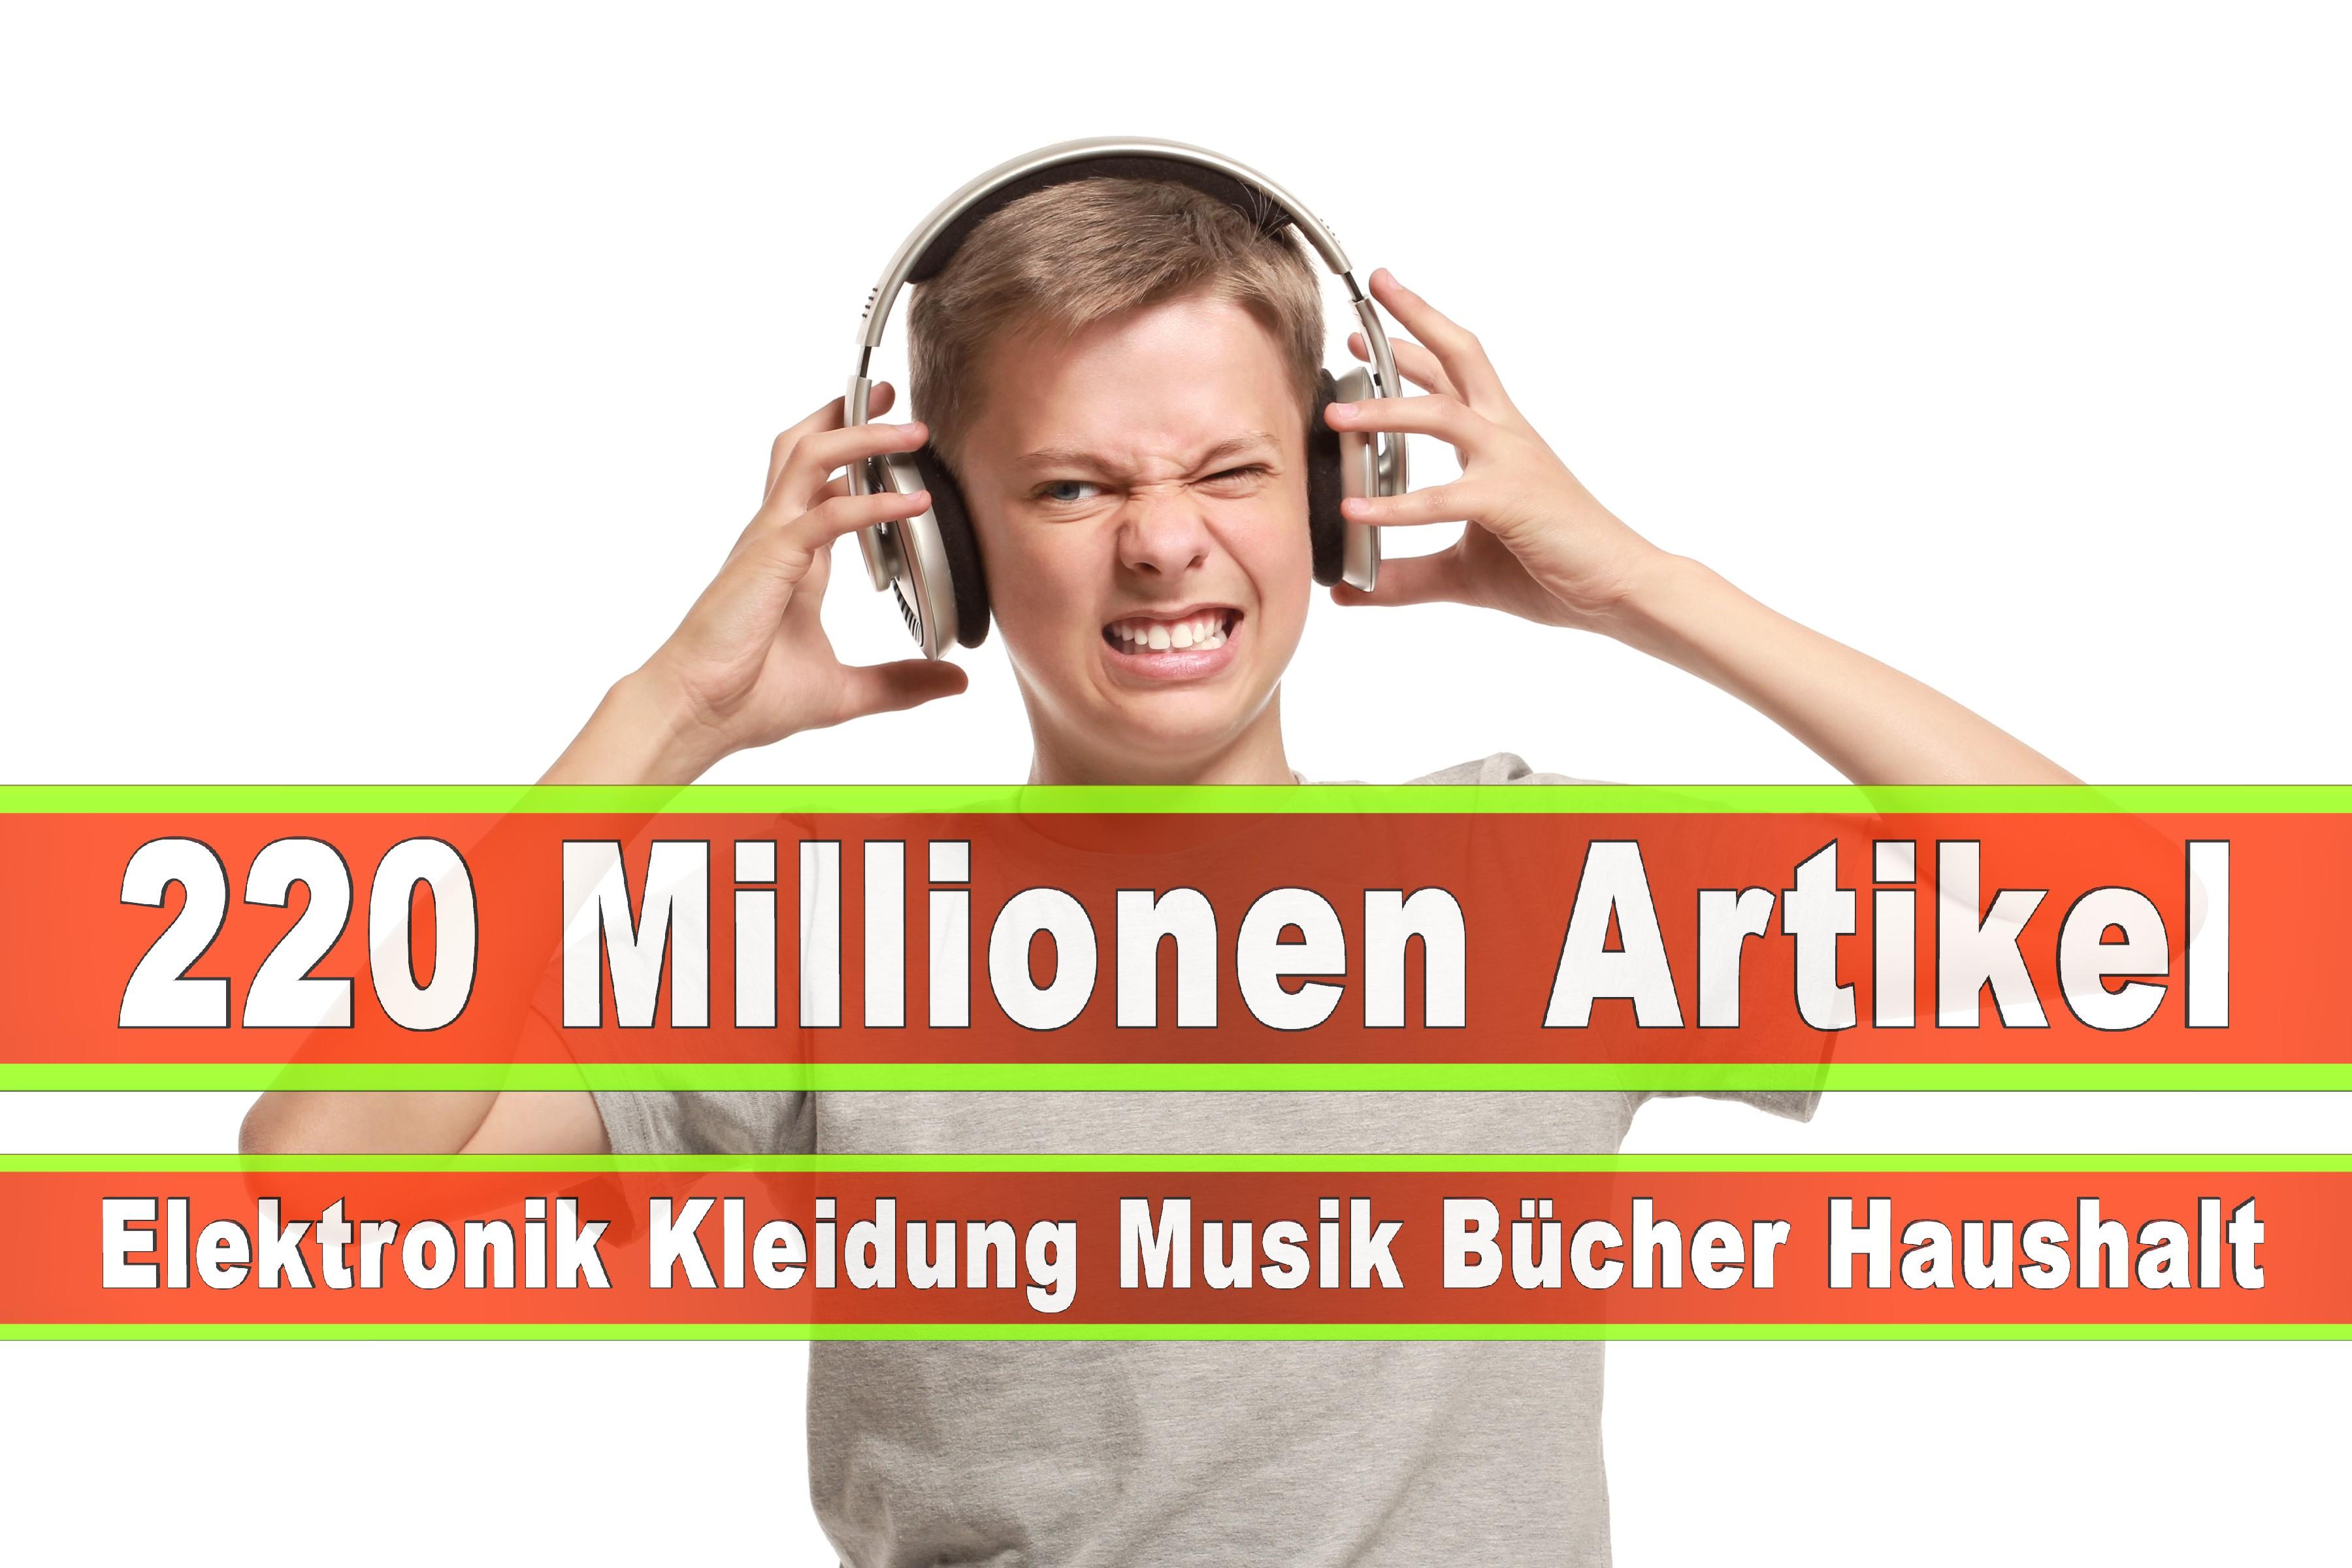 Amazon Elektronik Musik Haushalt Bücher CD DVD Handys Smartphones TV Television Fernseher Kleidung Mode Ebay Versandhaus (172)